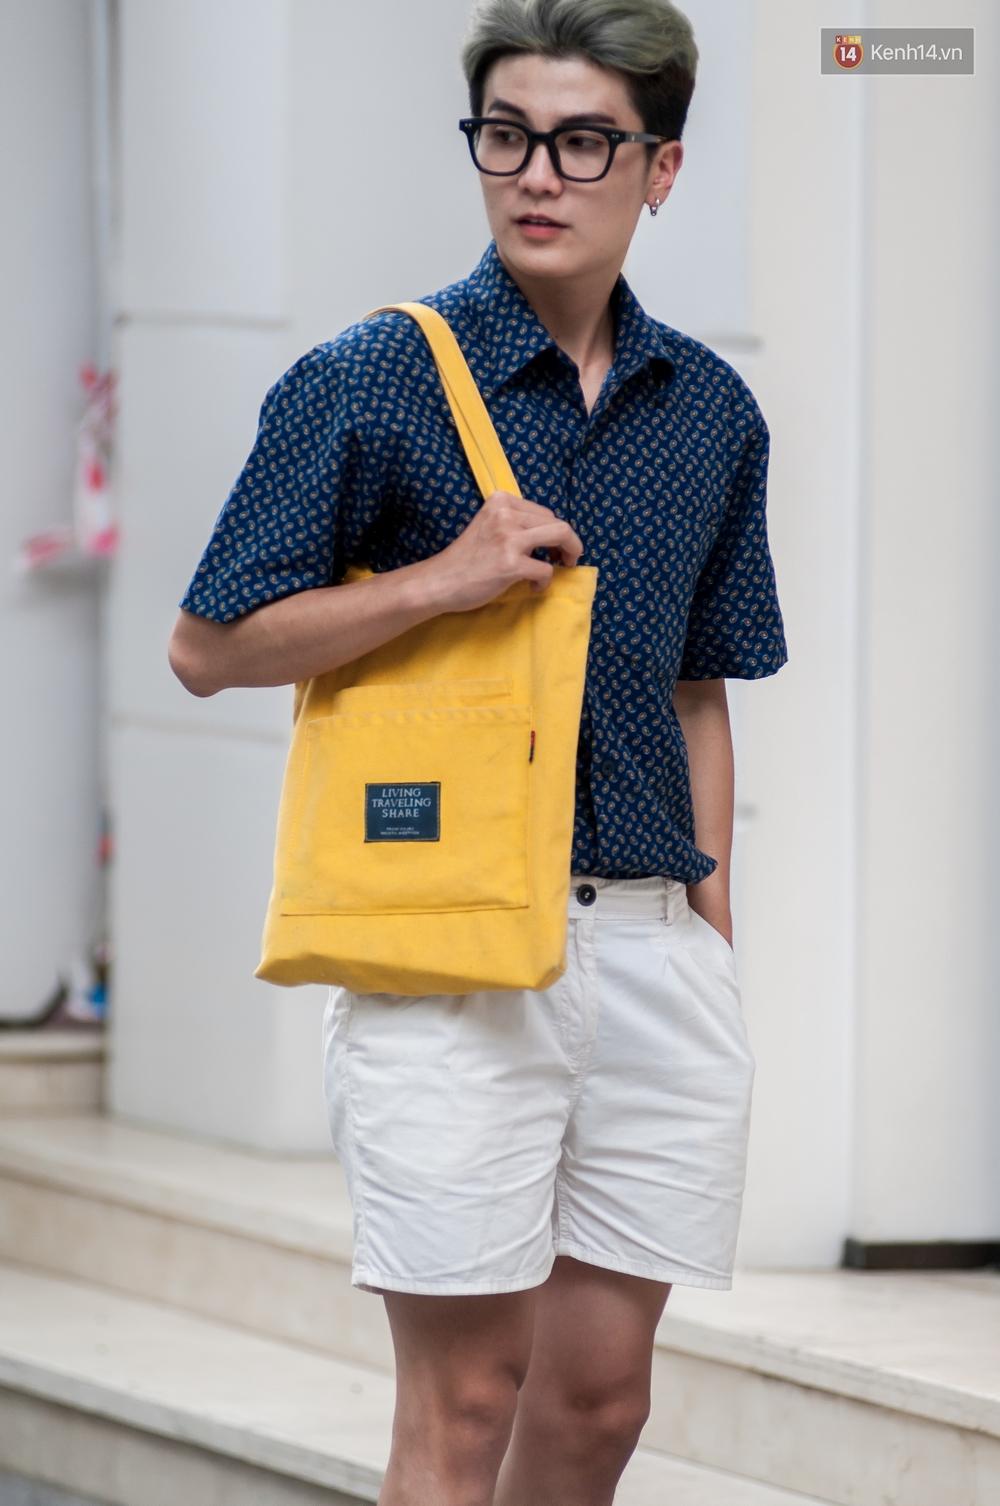 Street style 2 miền: túi fanny pack khiến giới trẻ mê mệt, phong cách sporty chiếm lĩnh cuộc chơi - Ảnh 18.